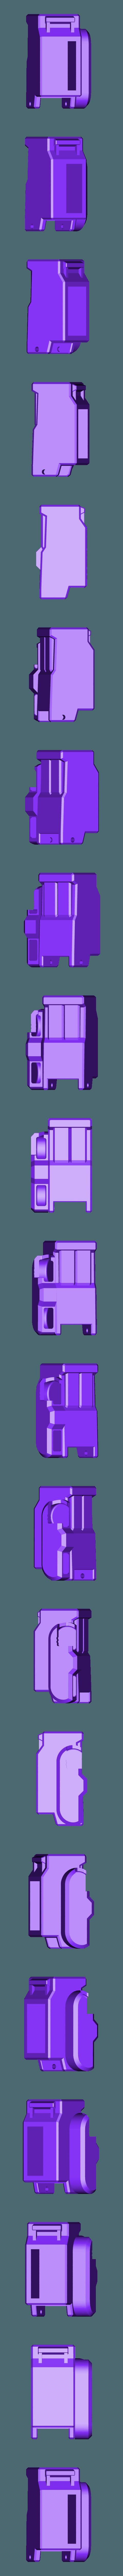 Calf-Left-Blue.stl Télécharger fichier STL gratuit Big Optimus Prime! - Modèle multi-matériaux • Plan pour imprimante 3D, ChaosCoreTech